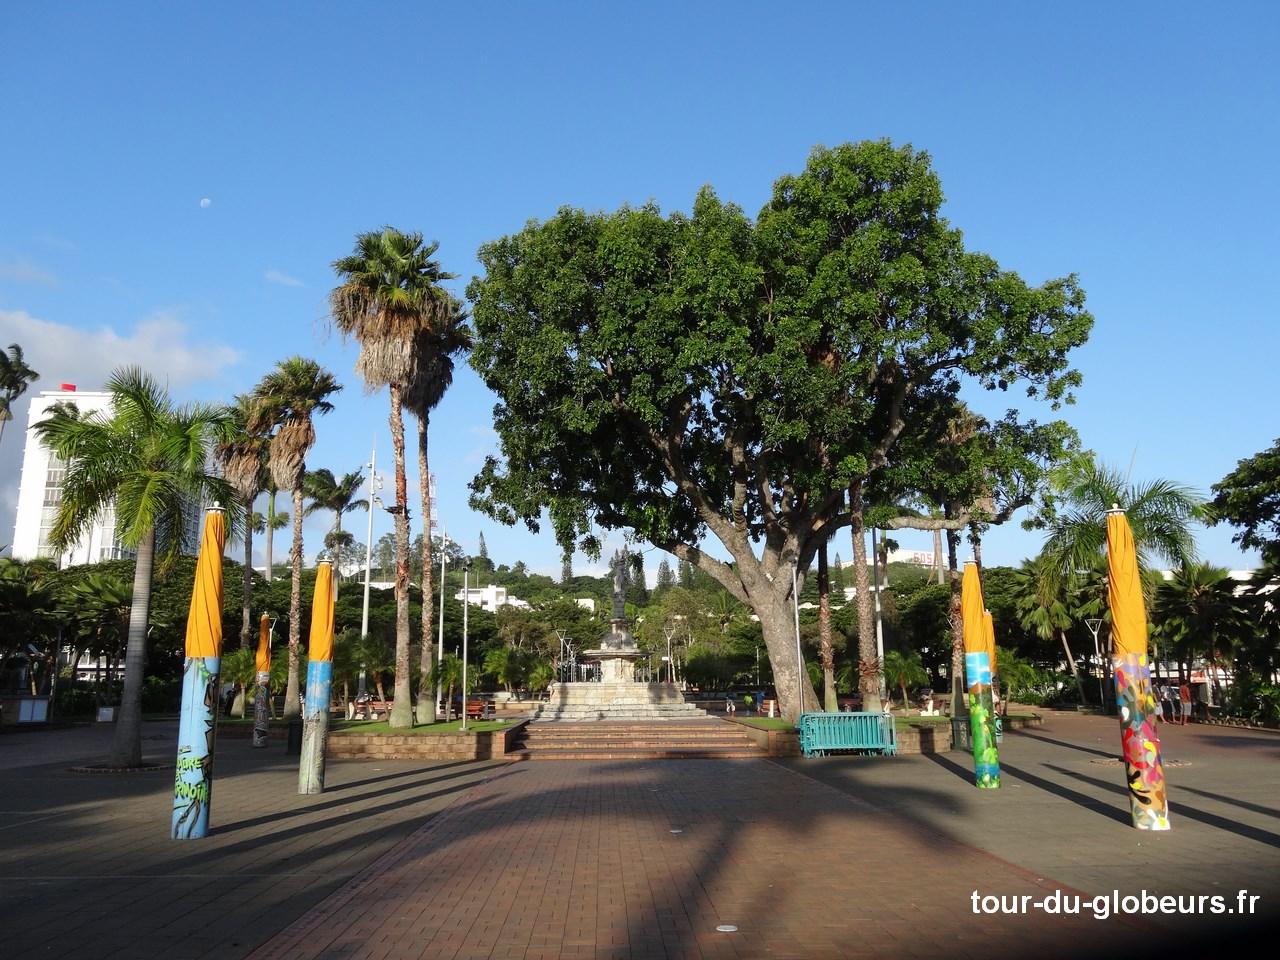 Nle - Calédonie - Noumé - Place Cocotiers